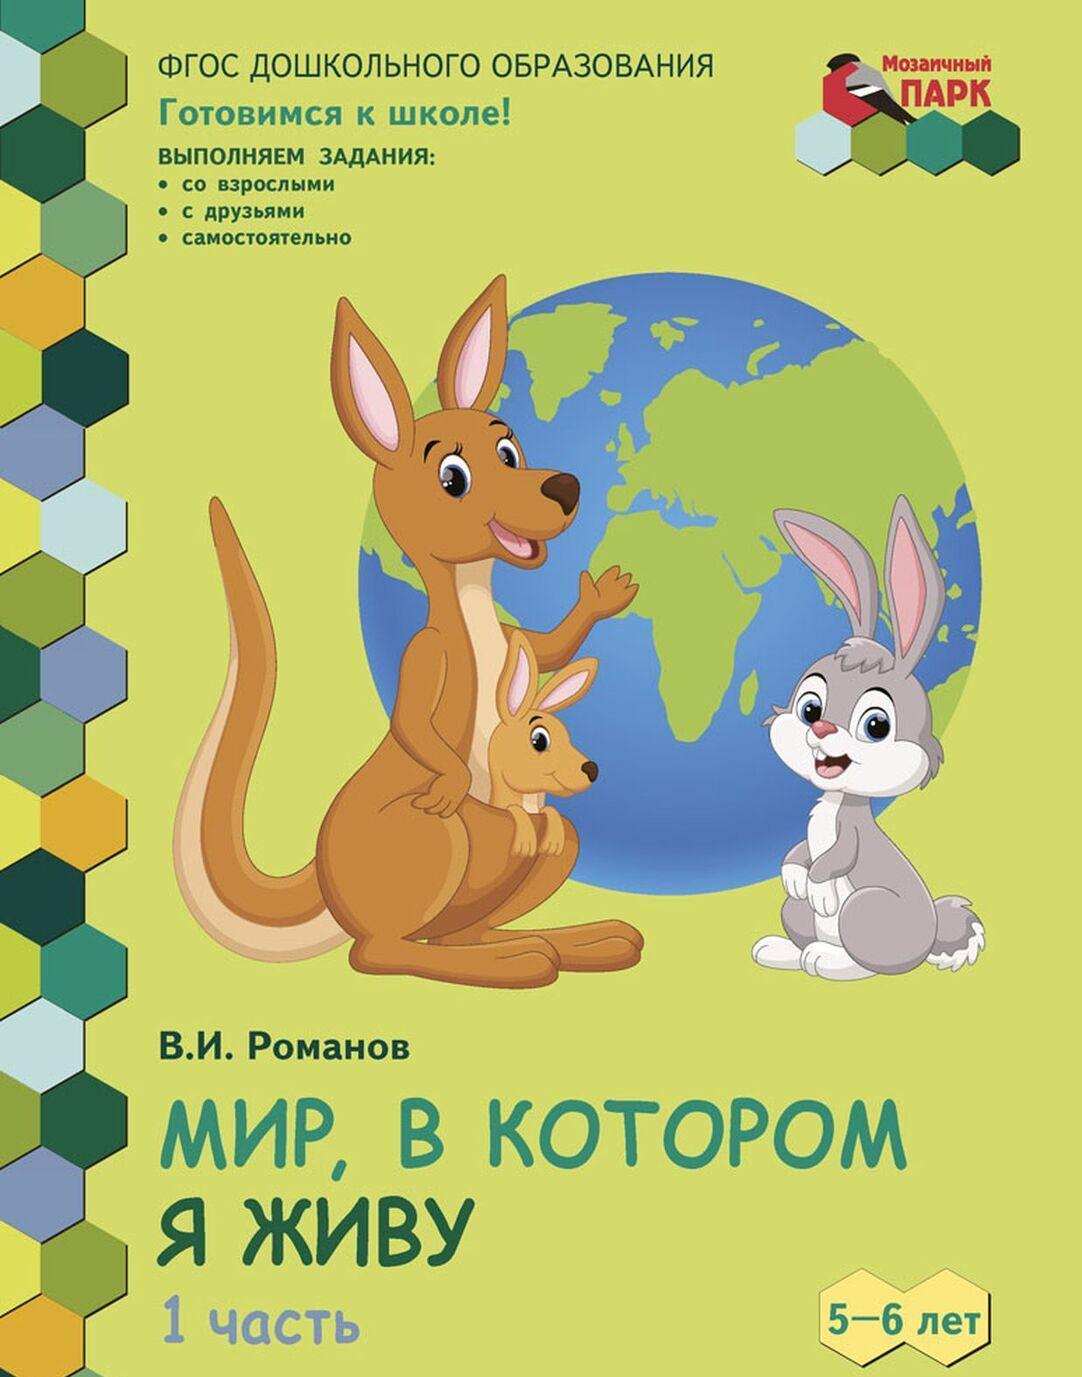 Мир, в котором я живу. Развивающая тетрадь для детей старшей группы ДОО. 5-6 лет. Часть 1